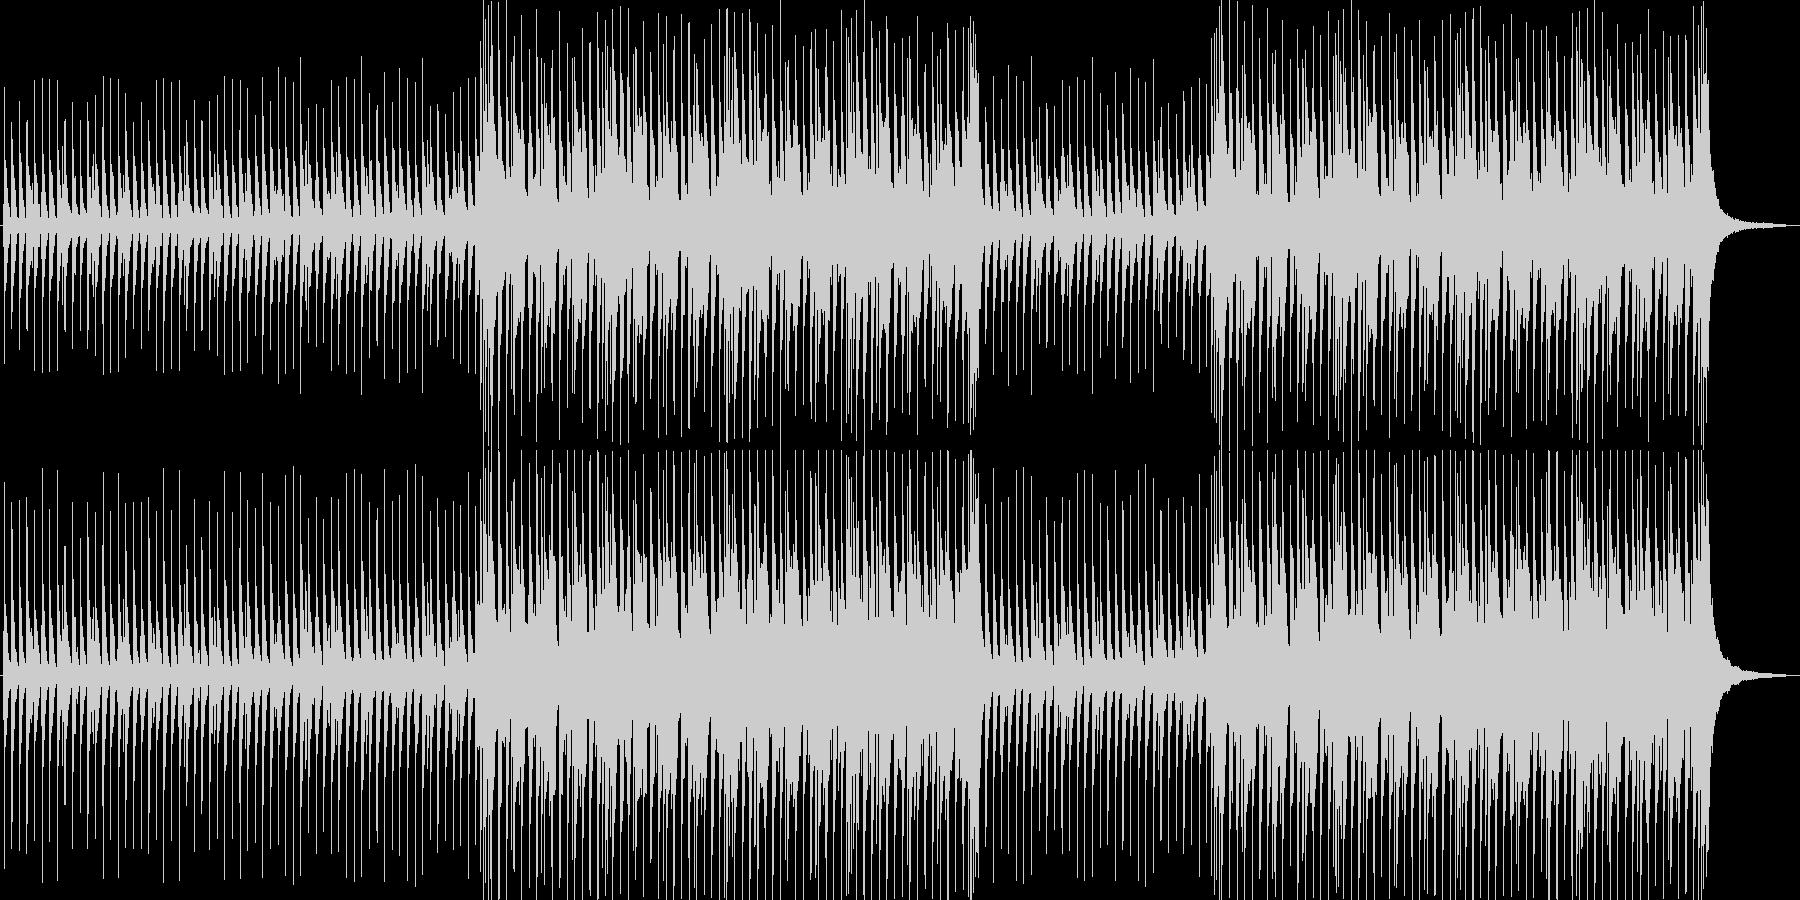 ウクレレ、ほのぼの、南国、夏、ビーチ、Eの未再生の波形